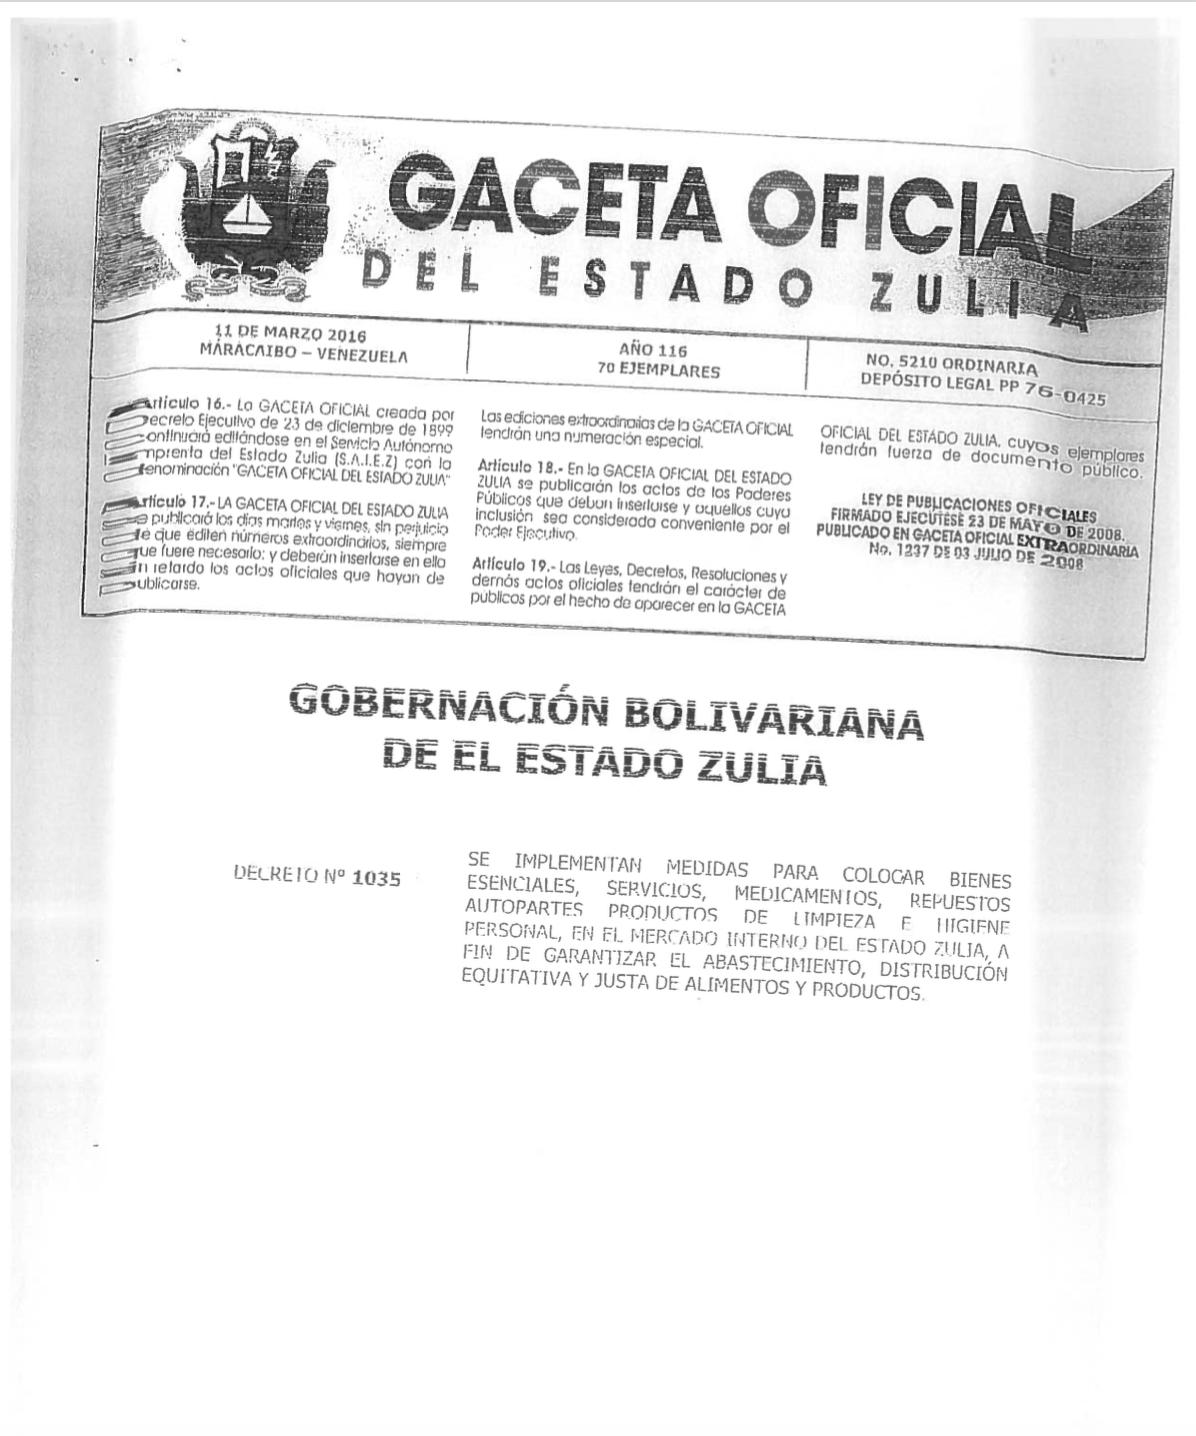 GacetaOficialdeZulia2